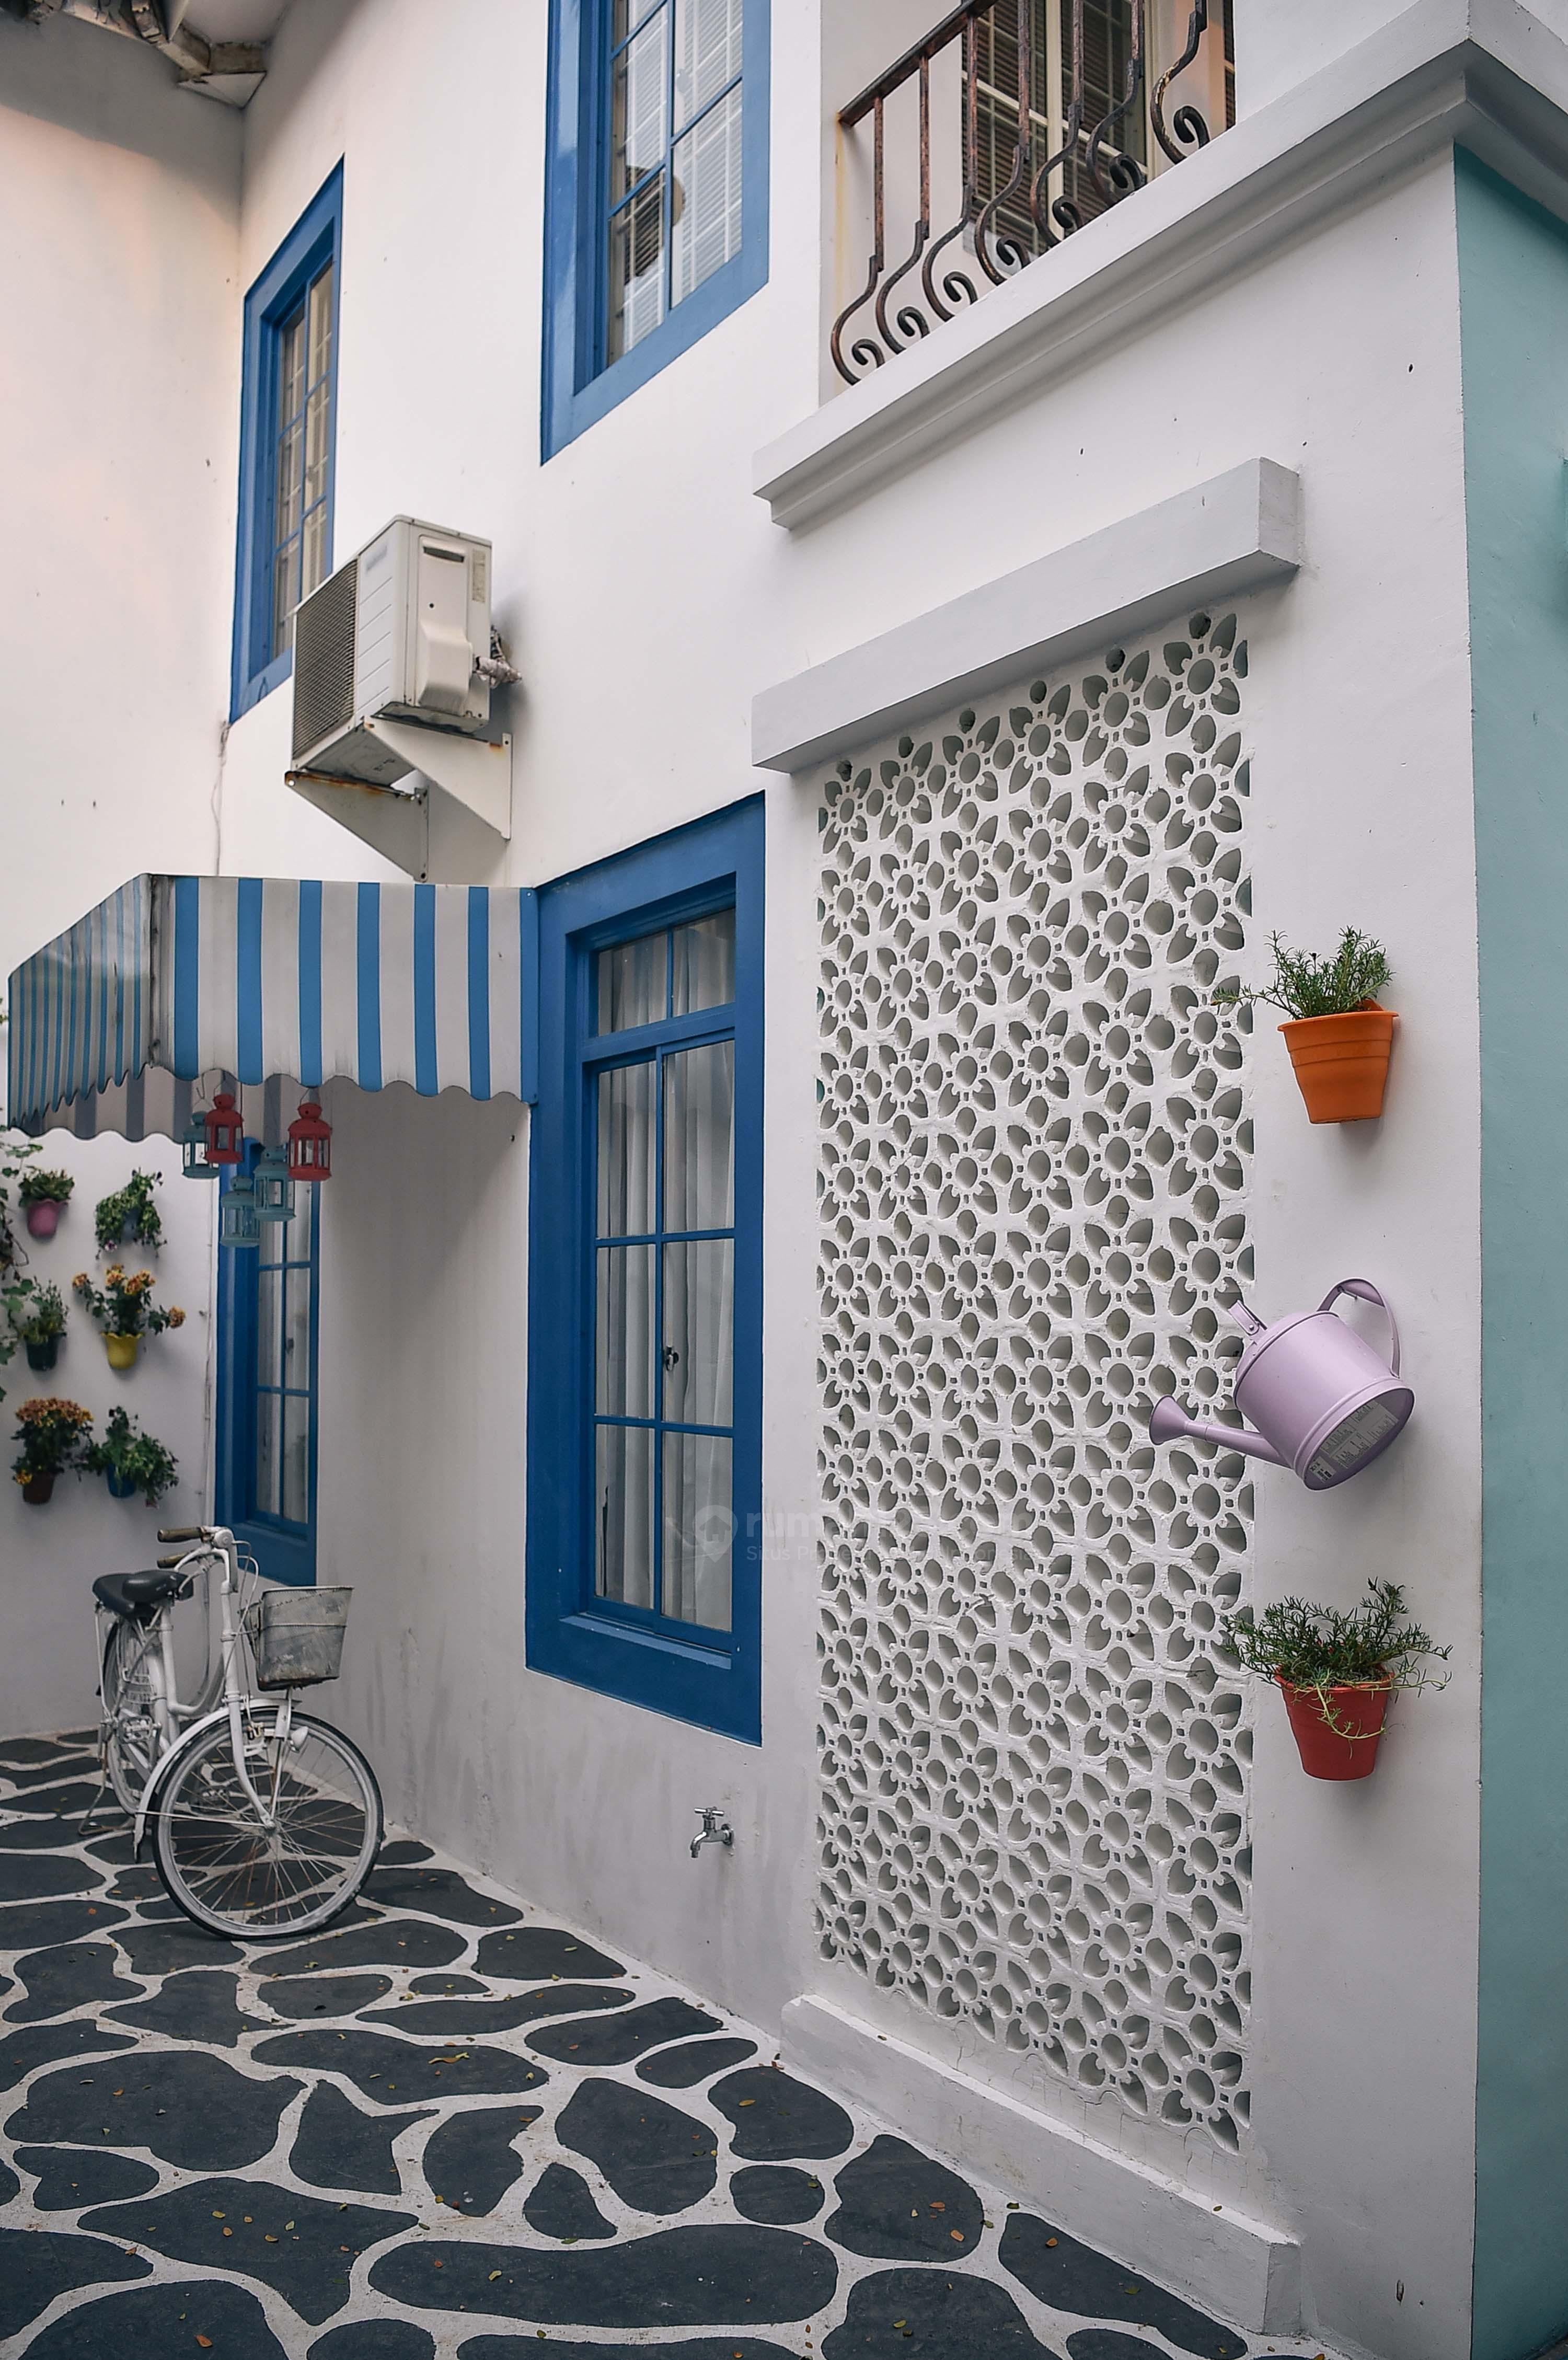 Inspirasi Cantik Menarik Untuk Interior Eksterior Rumah Rumah123 Com